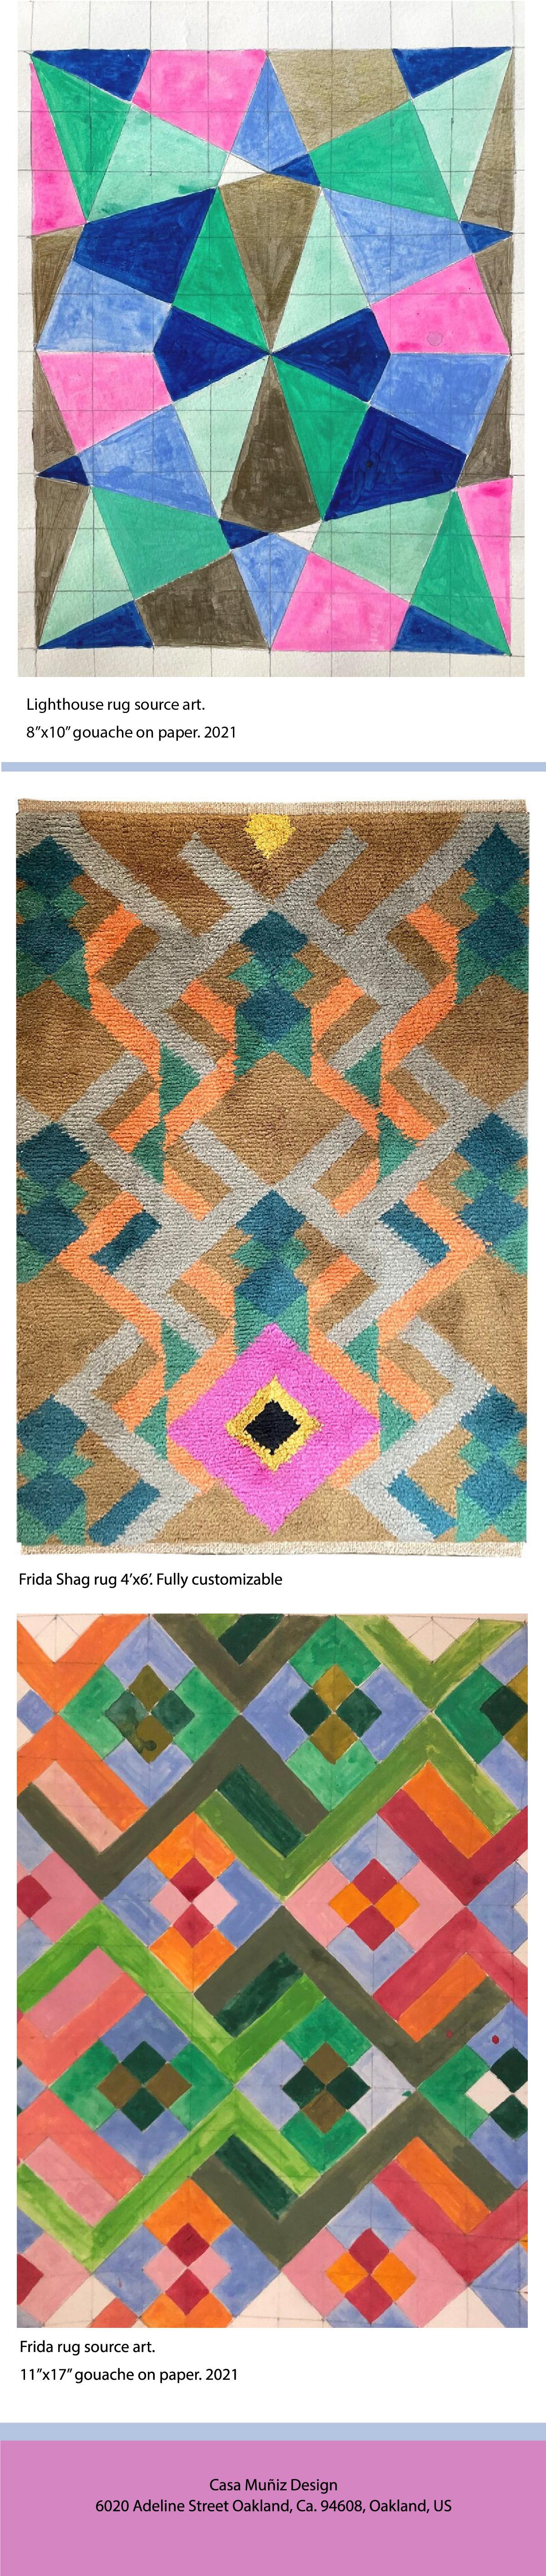 Casa Muniz Design- Kush up rug images